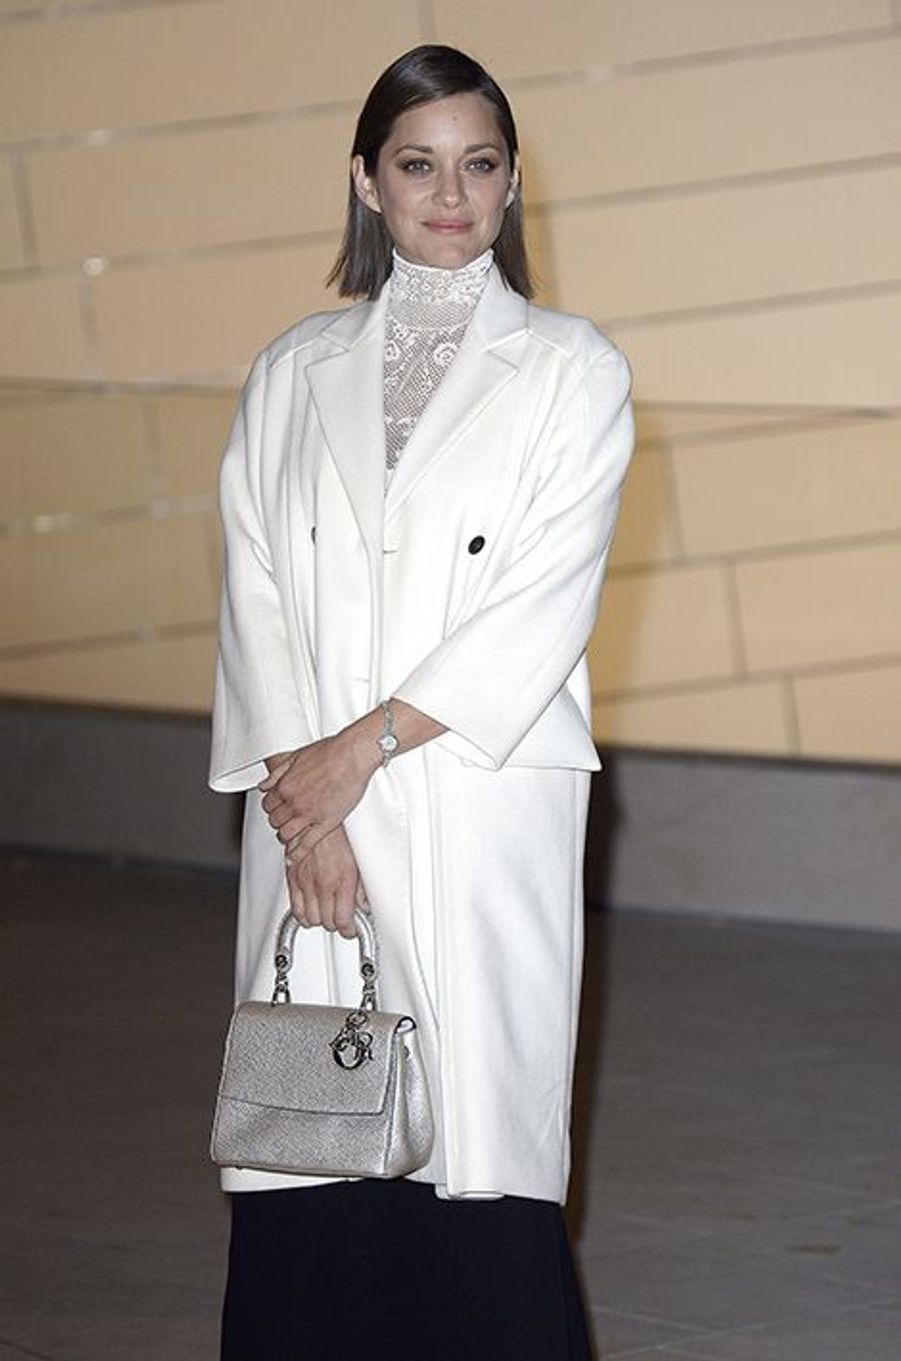 Marion Cotillard à l'inauguration de la Fondation Louis Vuitton le 20 octobre 2014 à Paris